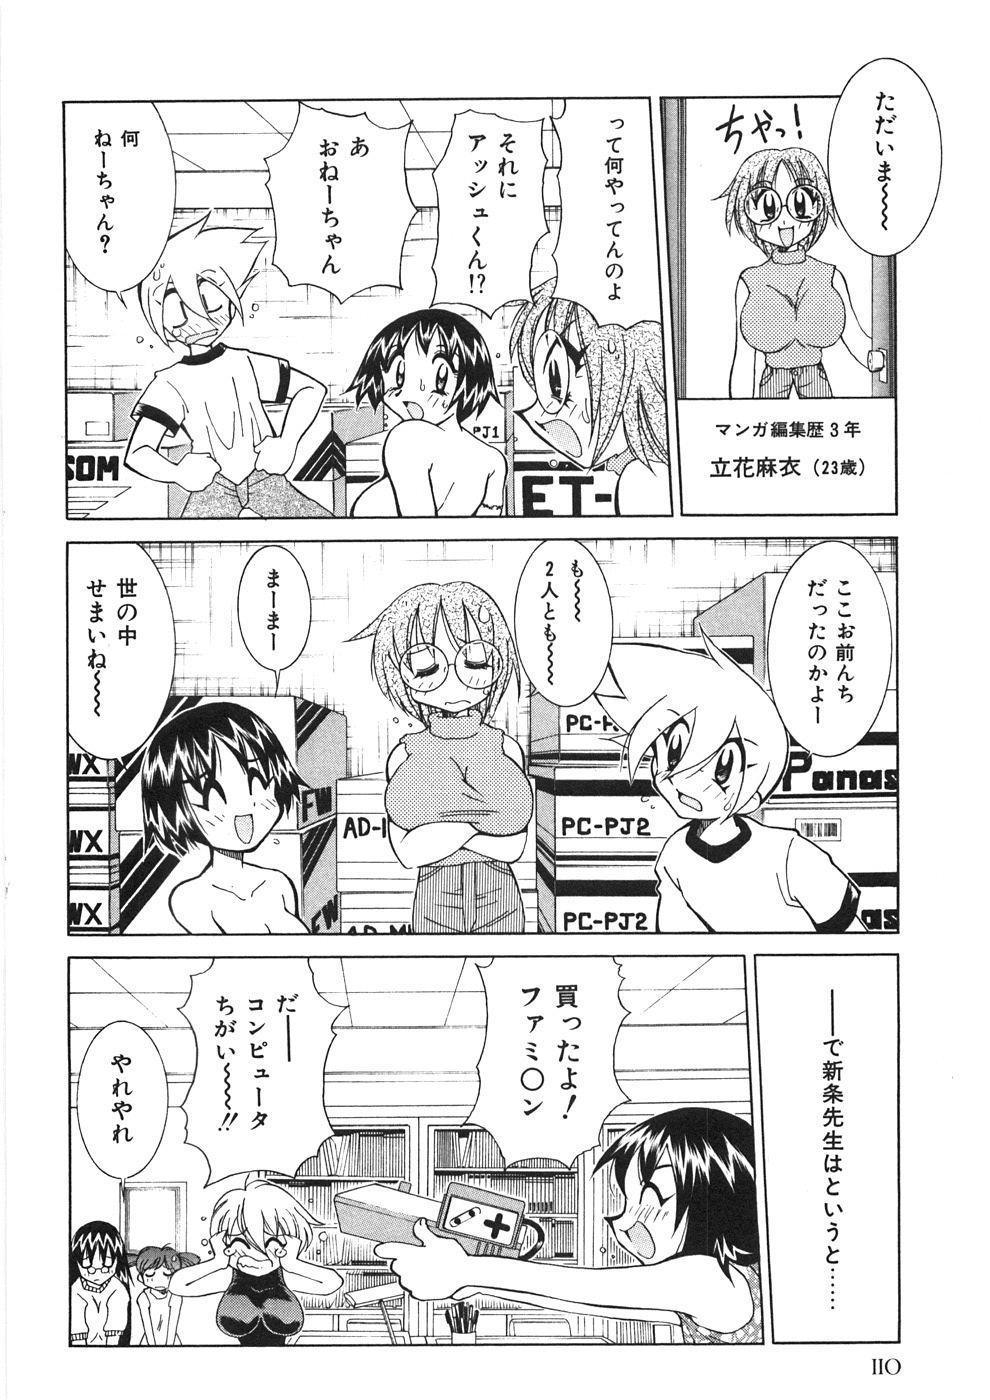 Chichichichi Banban 114